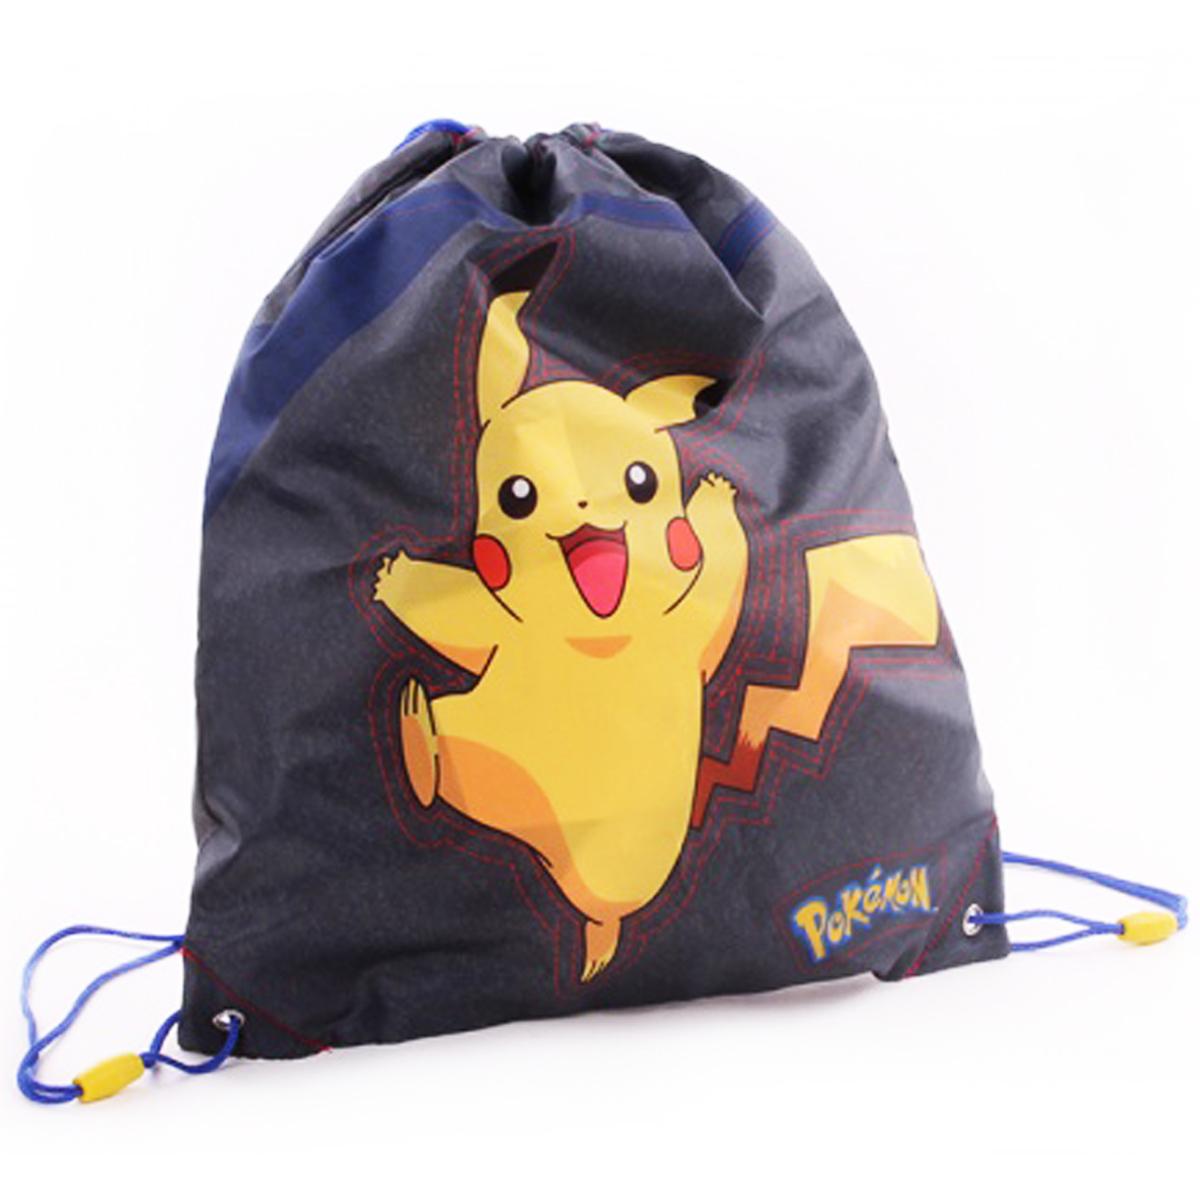 Sac de gym créateur \'Pokemon\' gris jaune - 44x37 cm - [Q3473]